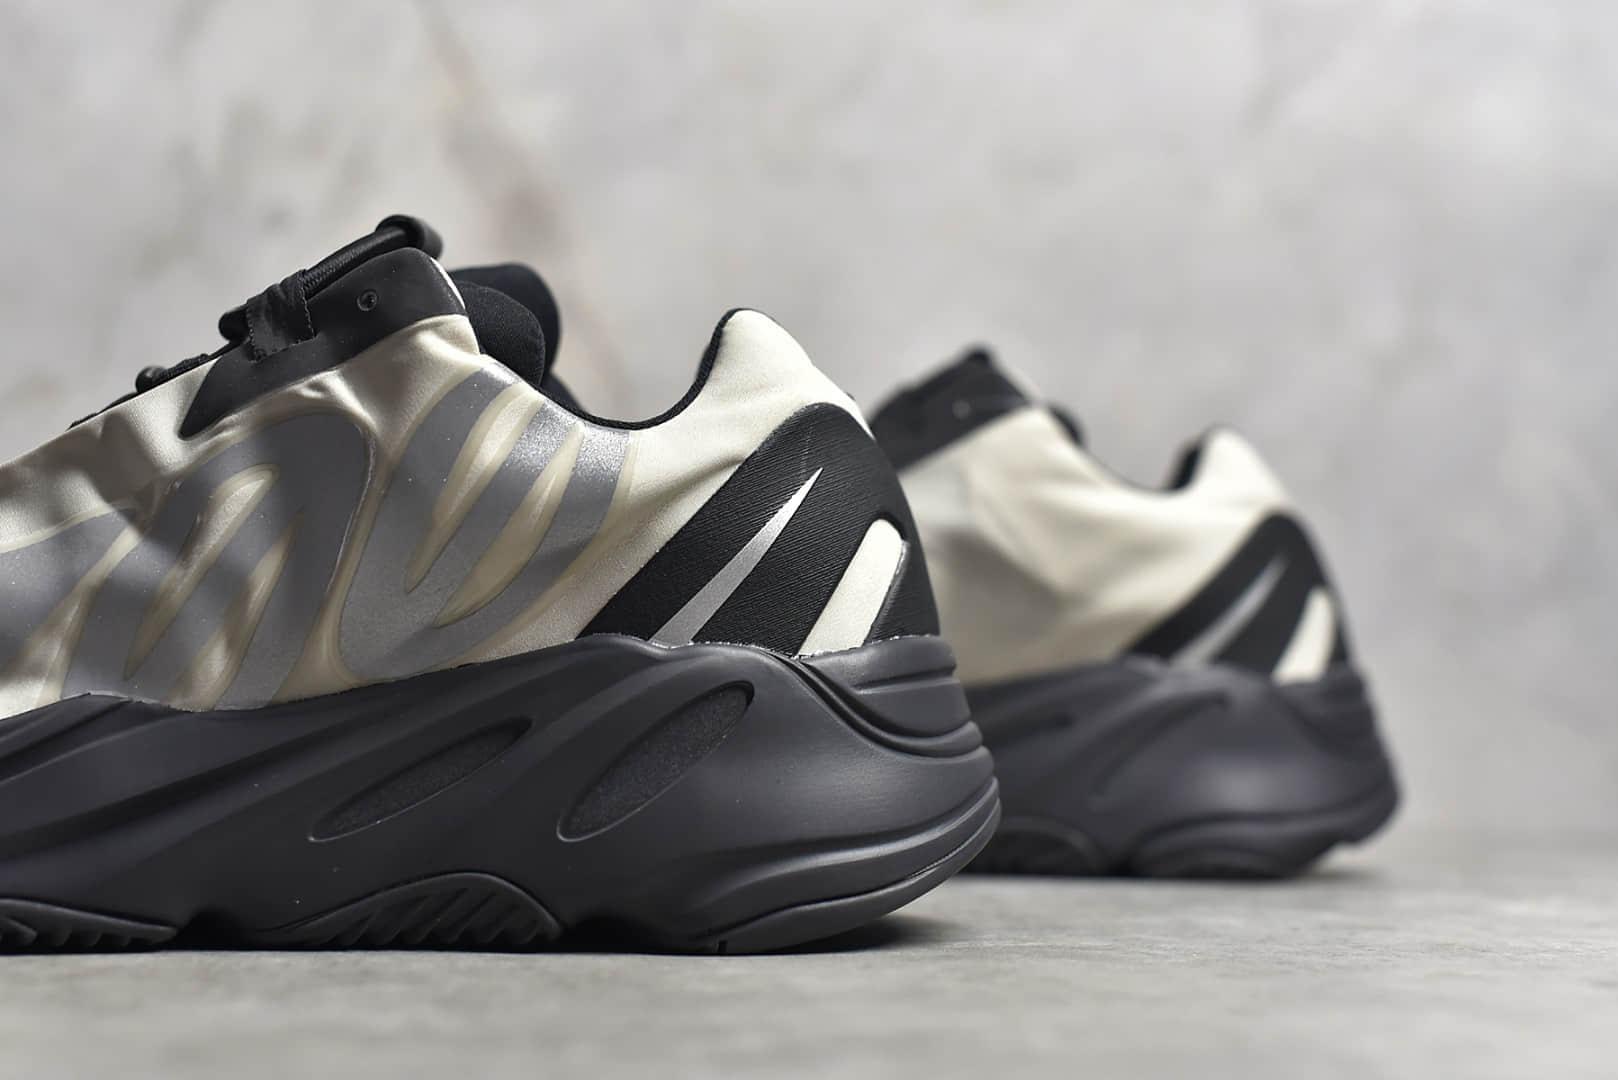 椰子700MNVN骨白OG纯原版本 adidas originals Yeezy Boost 700 MNVN Bone 椰子700反光 椰子700骨白 货号:FY3729-潮流者之家